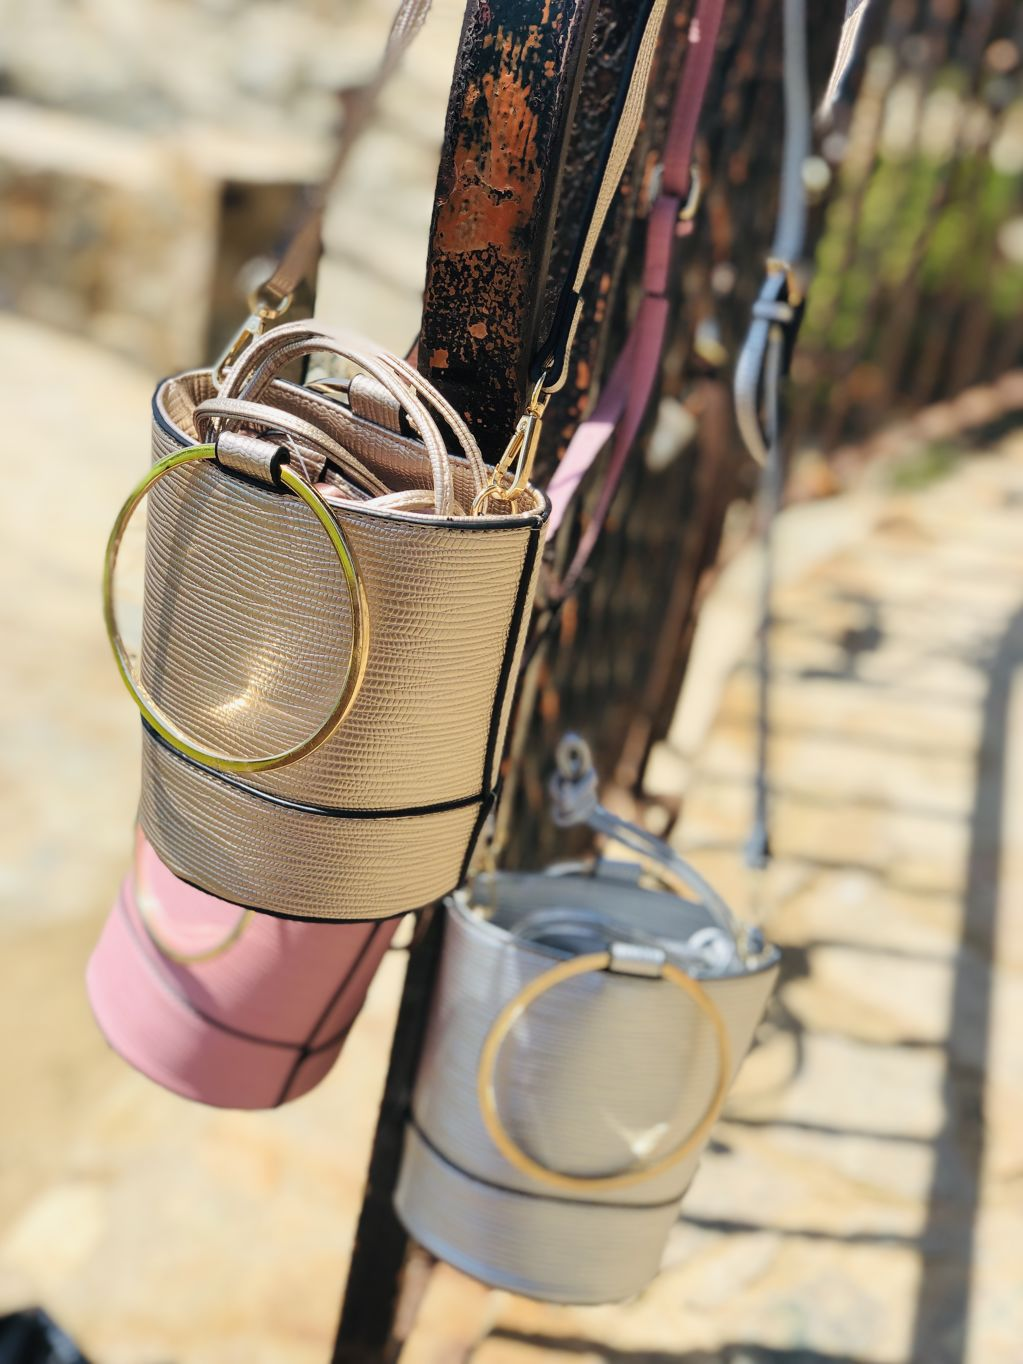 Mini ring bag Cilíndrico - ca68a-5CA4B837-E088-4535-991F-2BE9BFF91947.jpeg